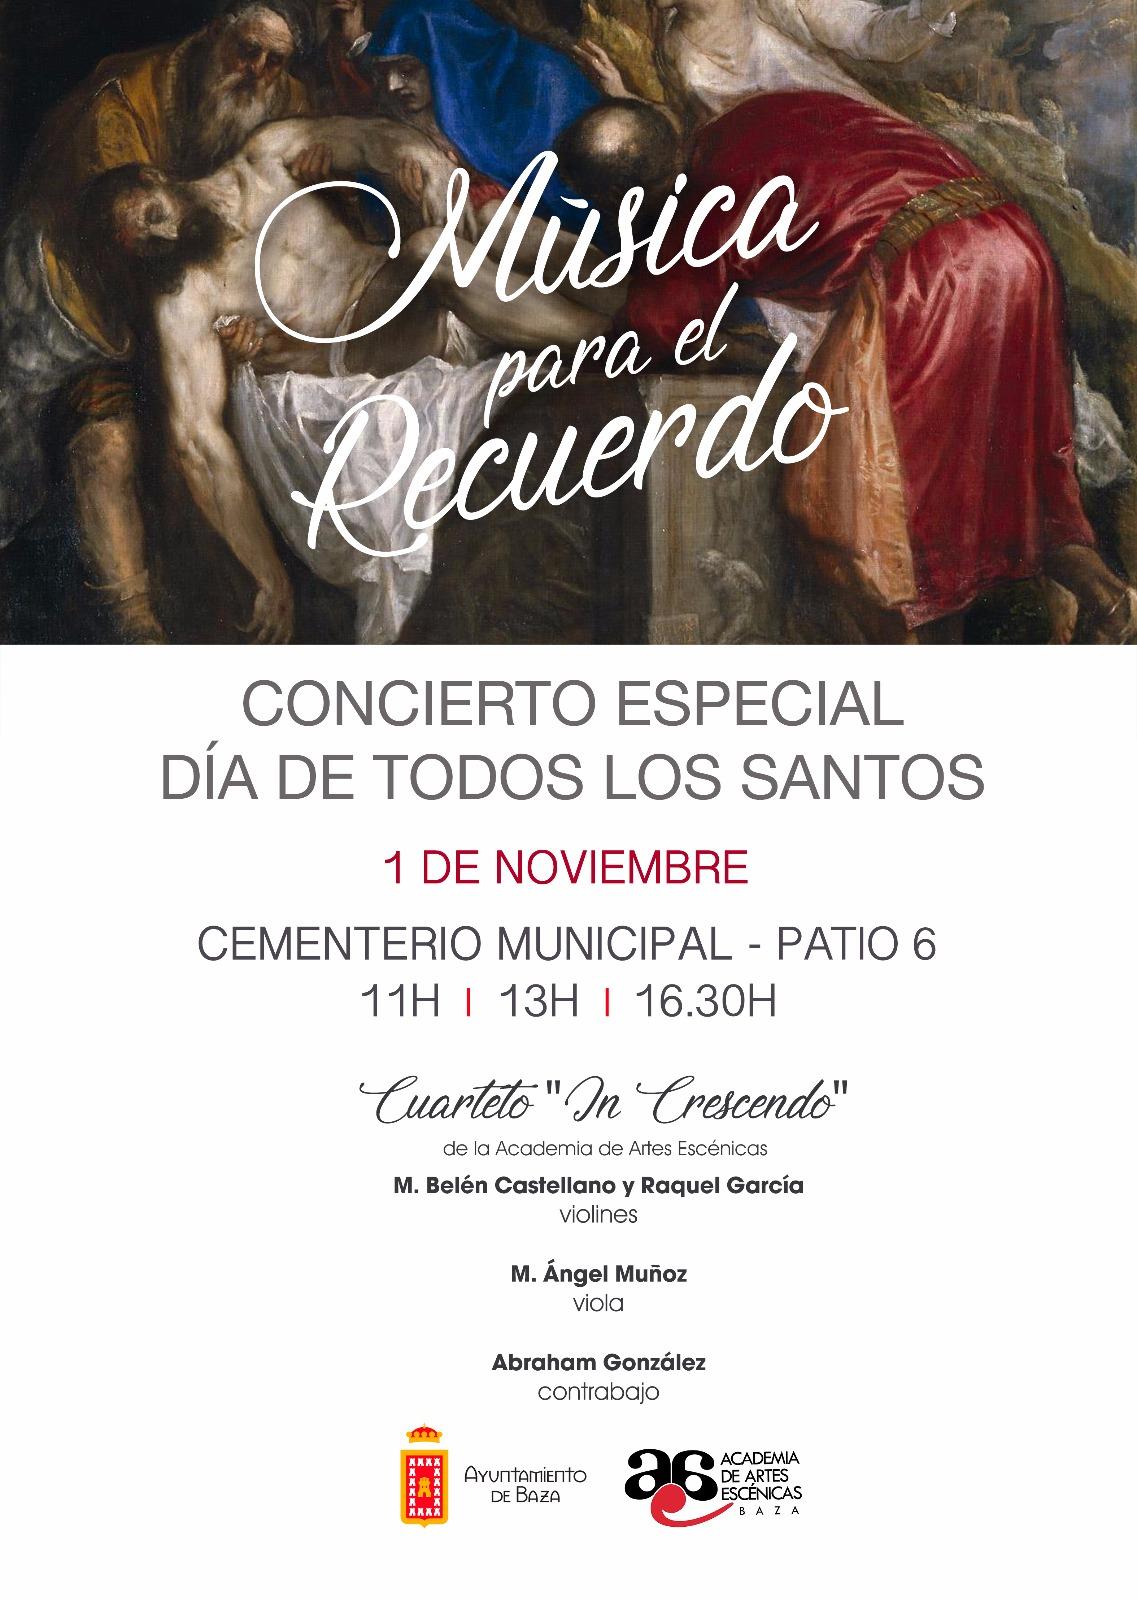 El 1 de noviembre actuará el cuarteto In Crescendo